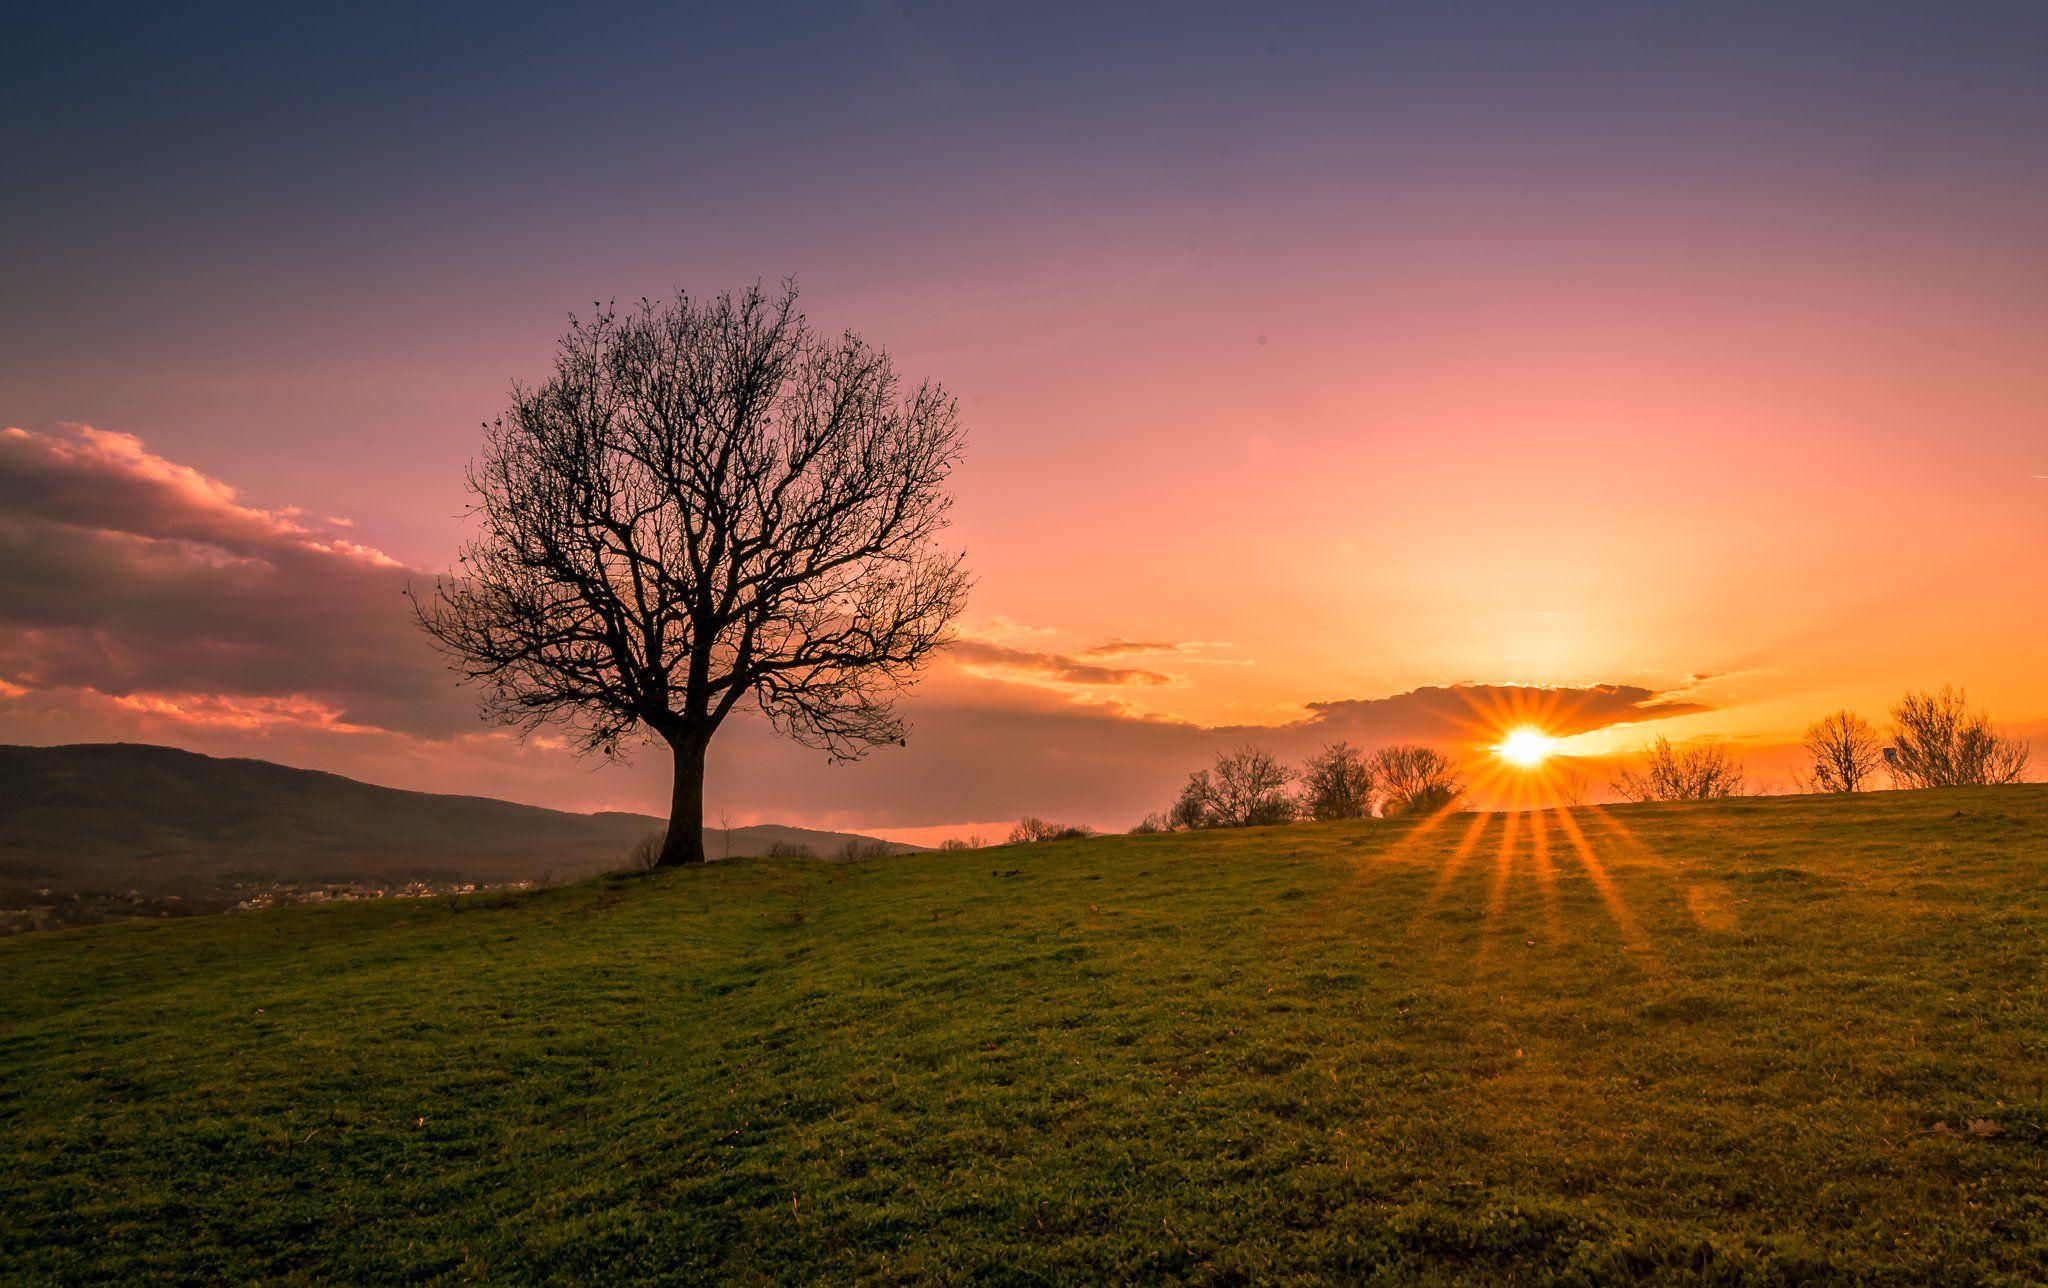 sunset, tree, sun, field, green, december, sky, clouds, Jeni Madjarova